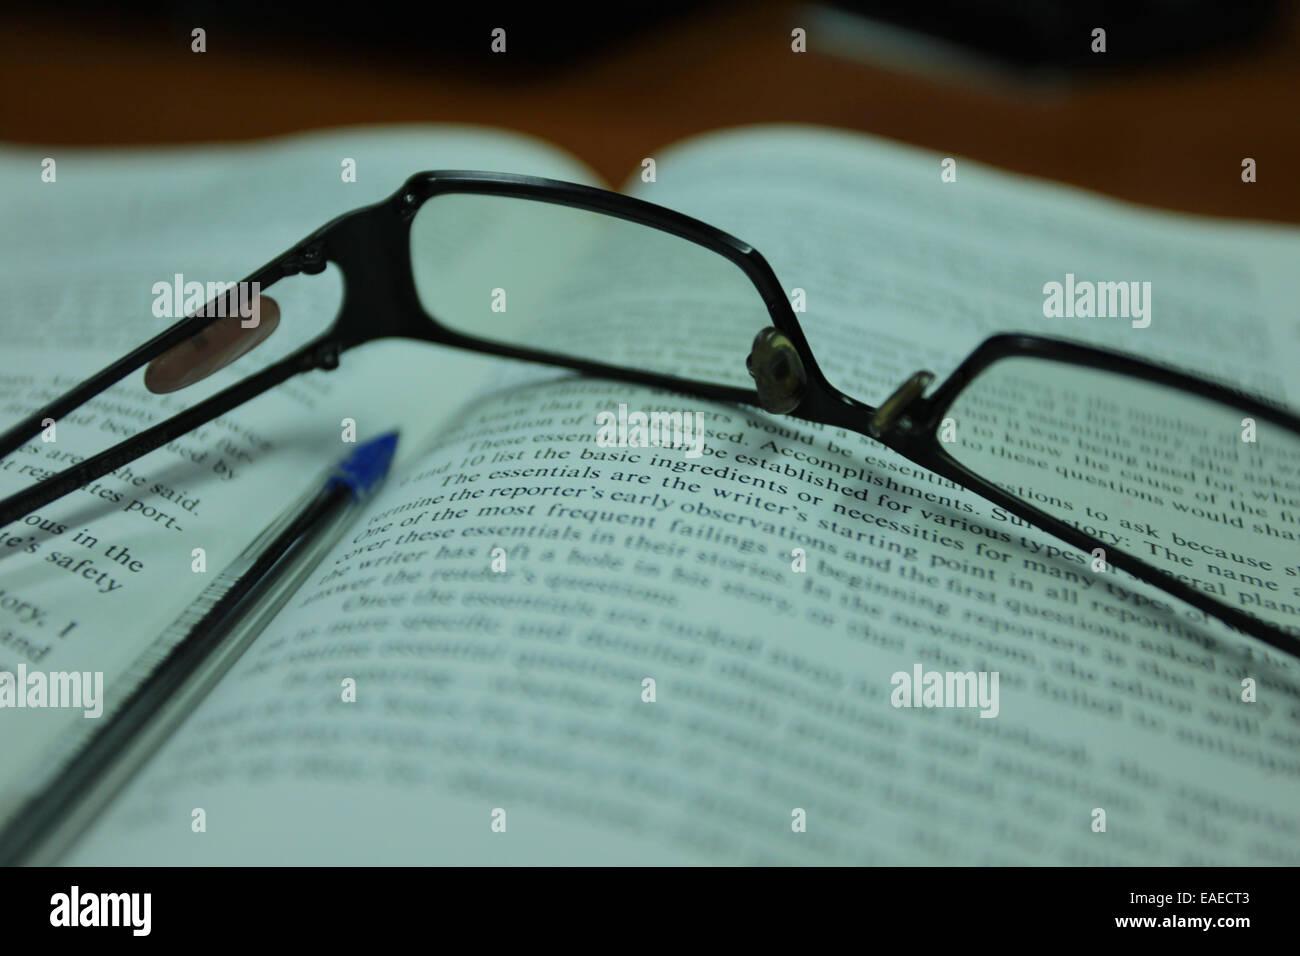 Lunettes de lecture sur un livre ouvert Photo Stock